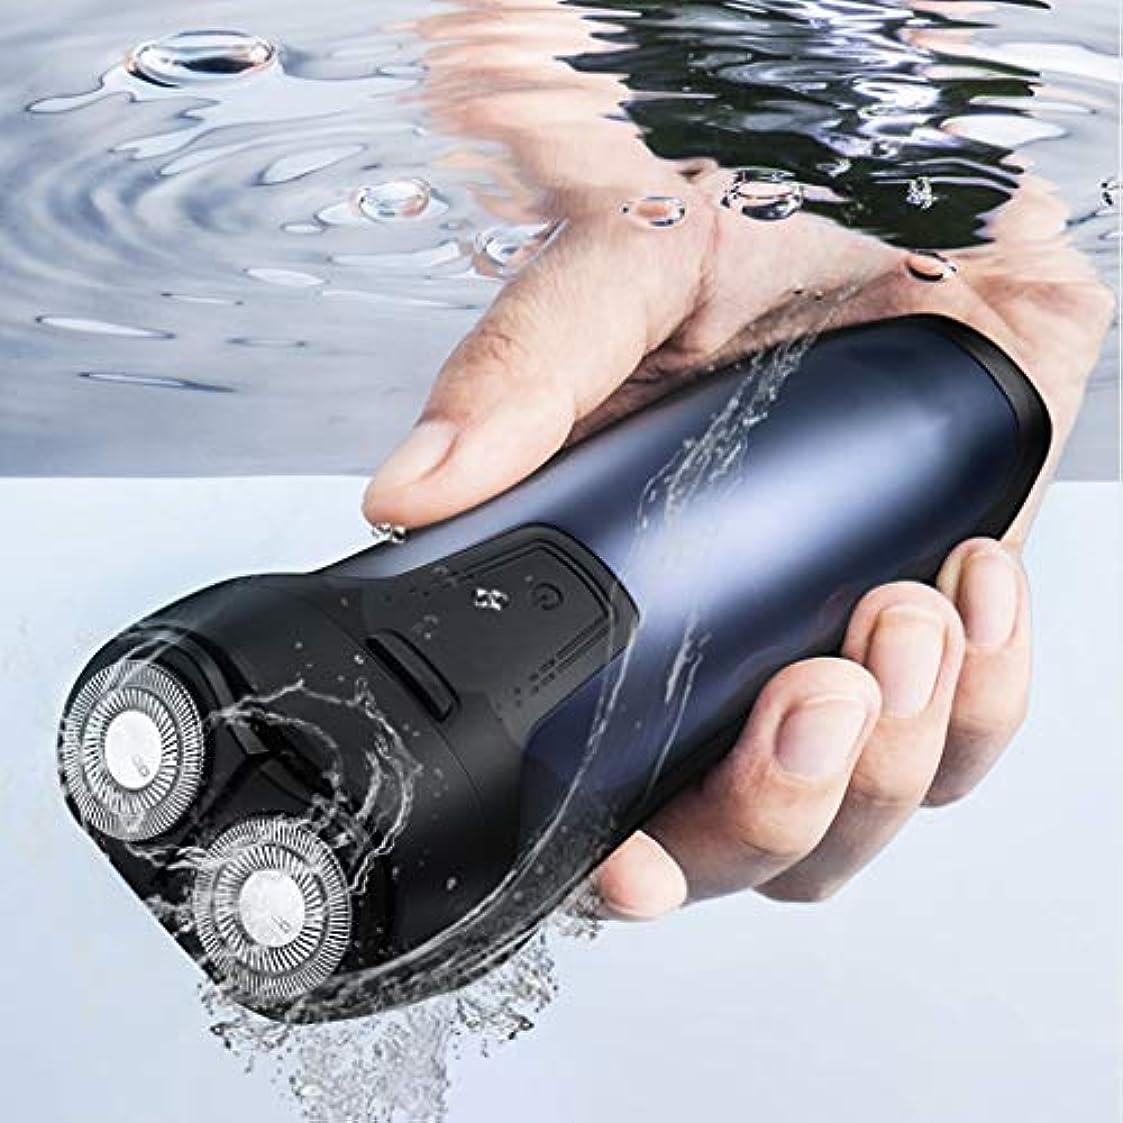 苦悩ポップハンマーJCCOZ ポップアップコーナートリマー自動研削ヘッドを備えた充電式防水電気シェーバーにより、刃をシャープに保ちます